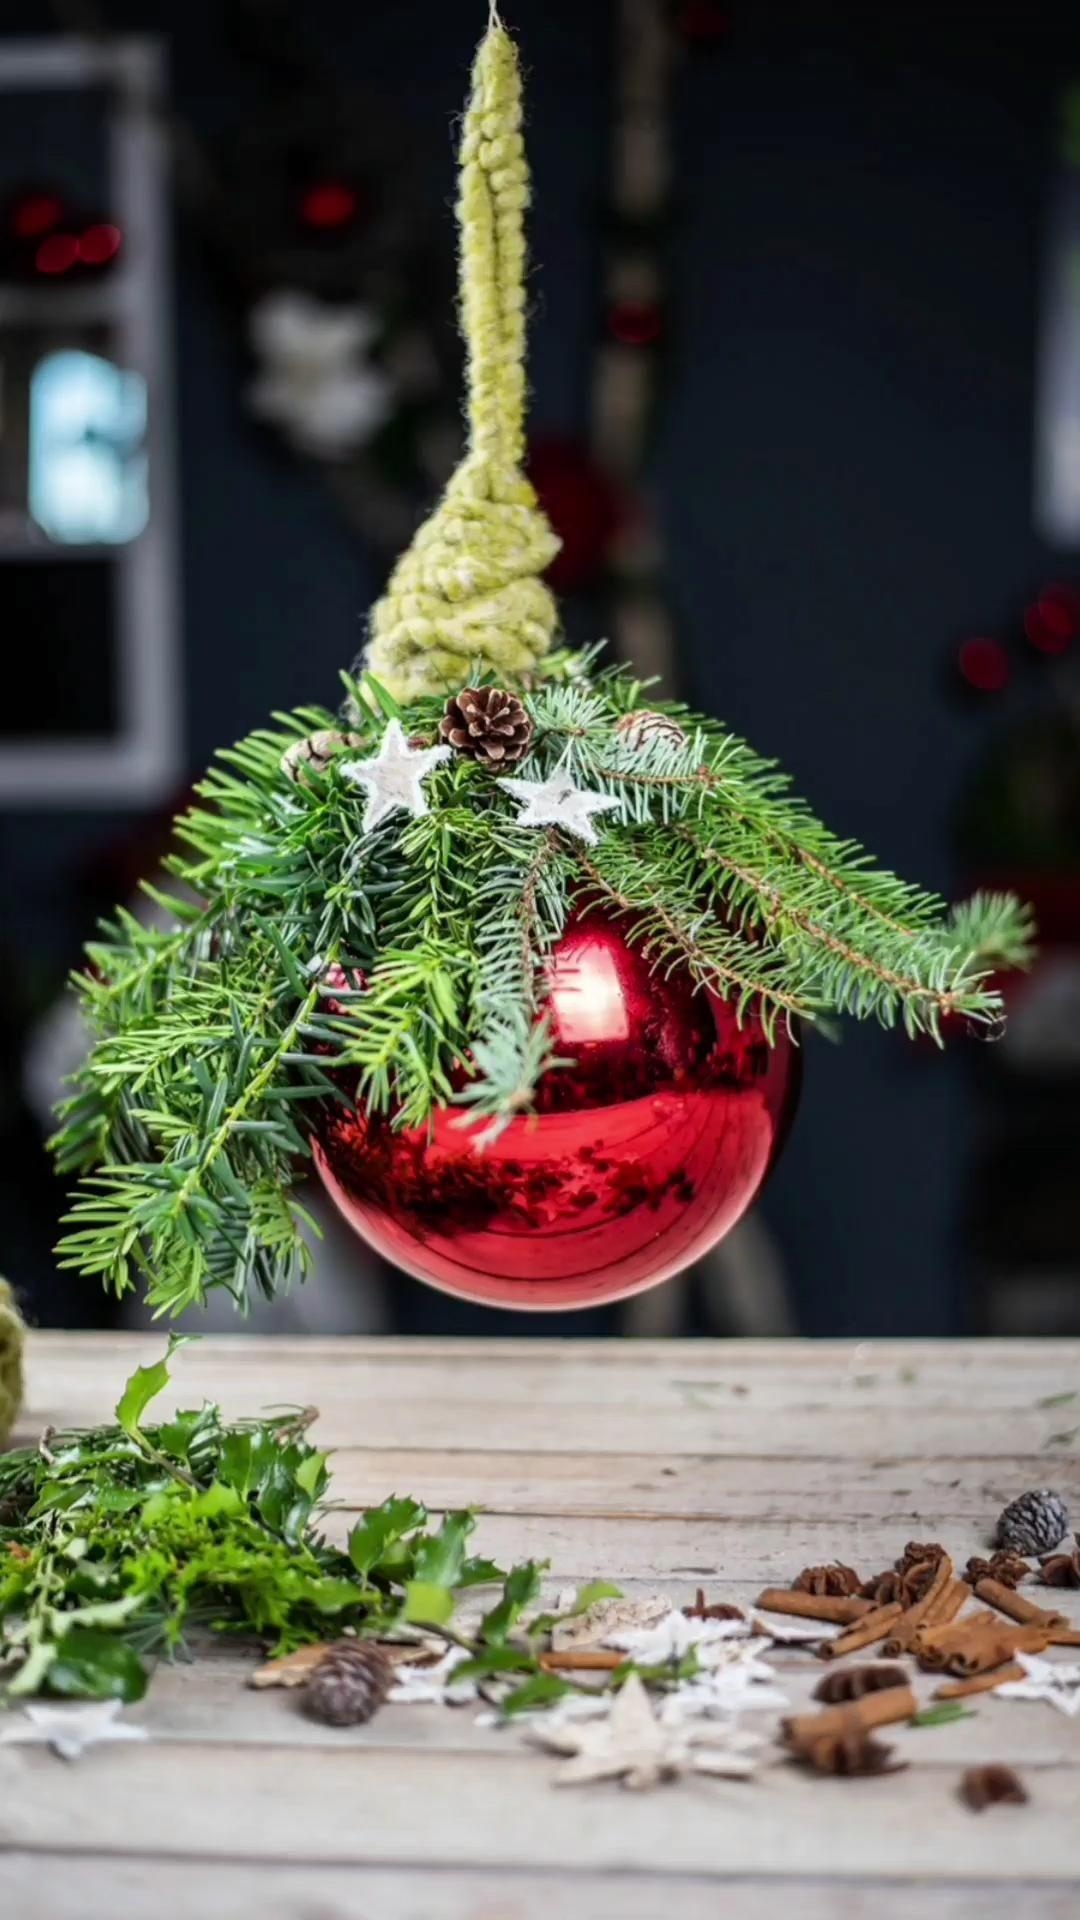 Weihnachtskugel natürlich dekorieren für die perfekte Aussendeko | Dekoideen für Draussen